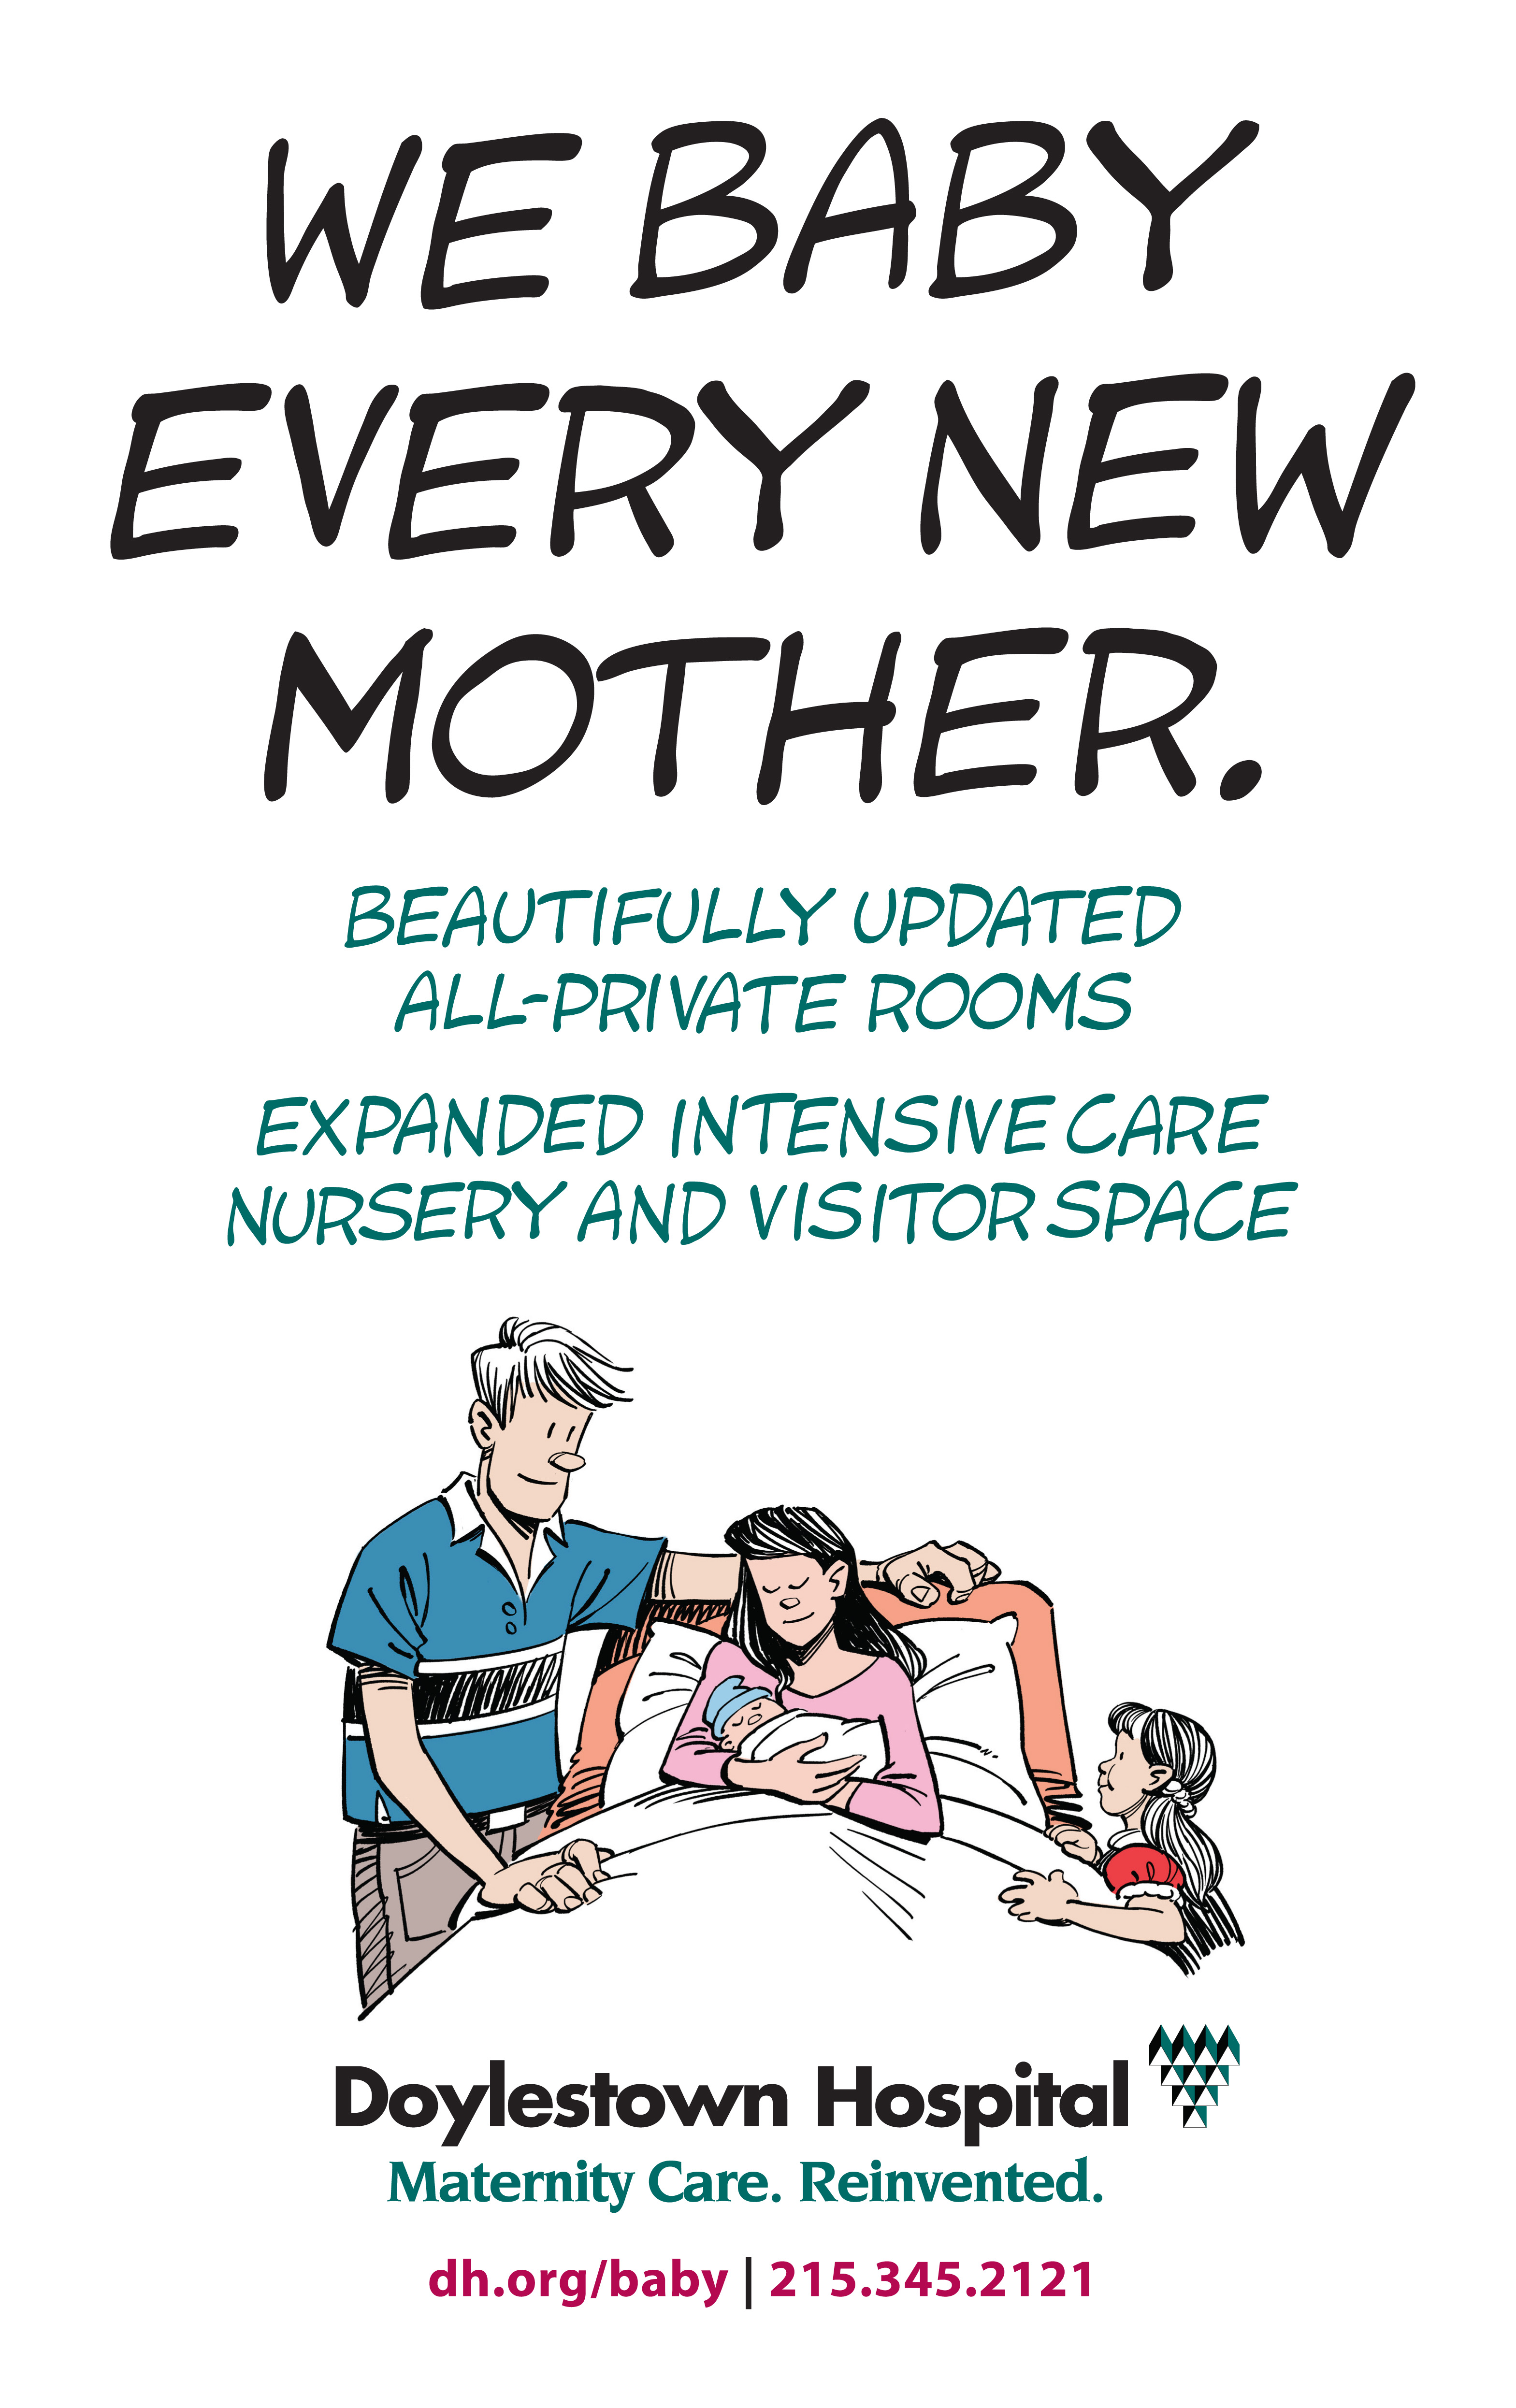 DH-SEPTA.Maternity.1Sht.jpg